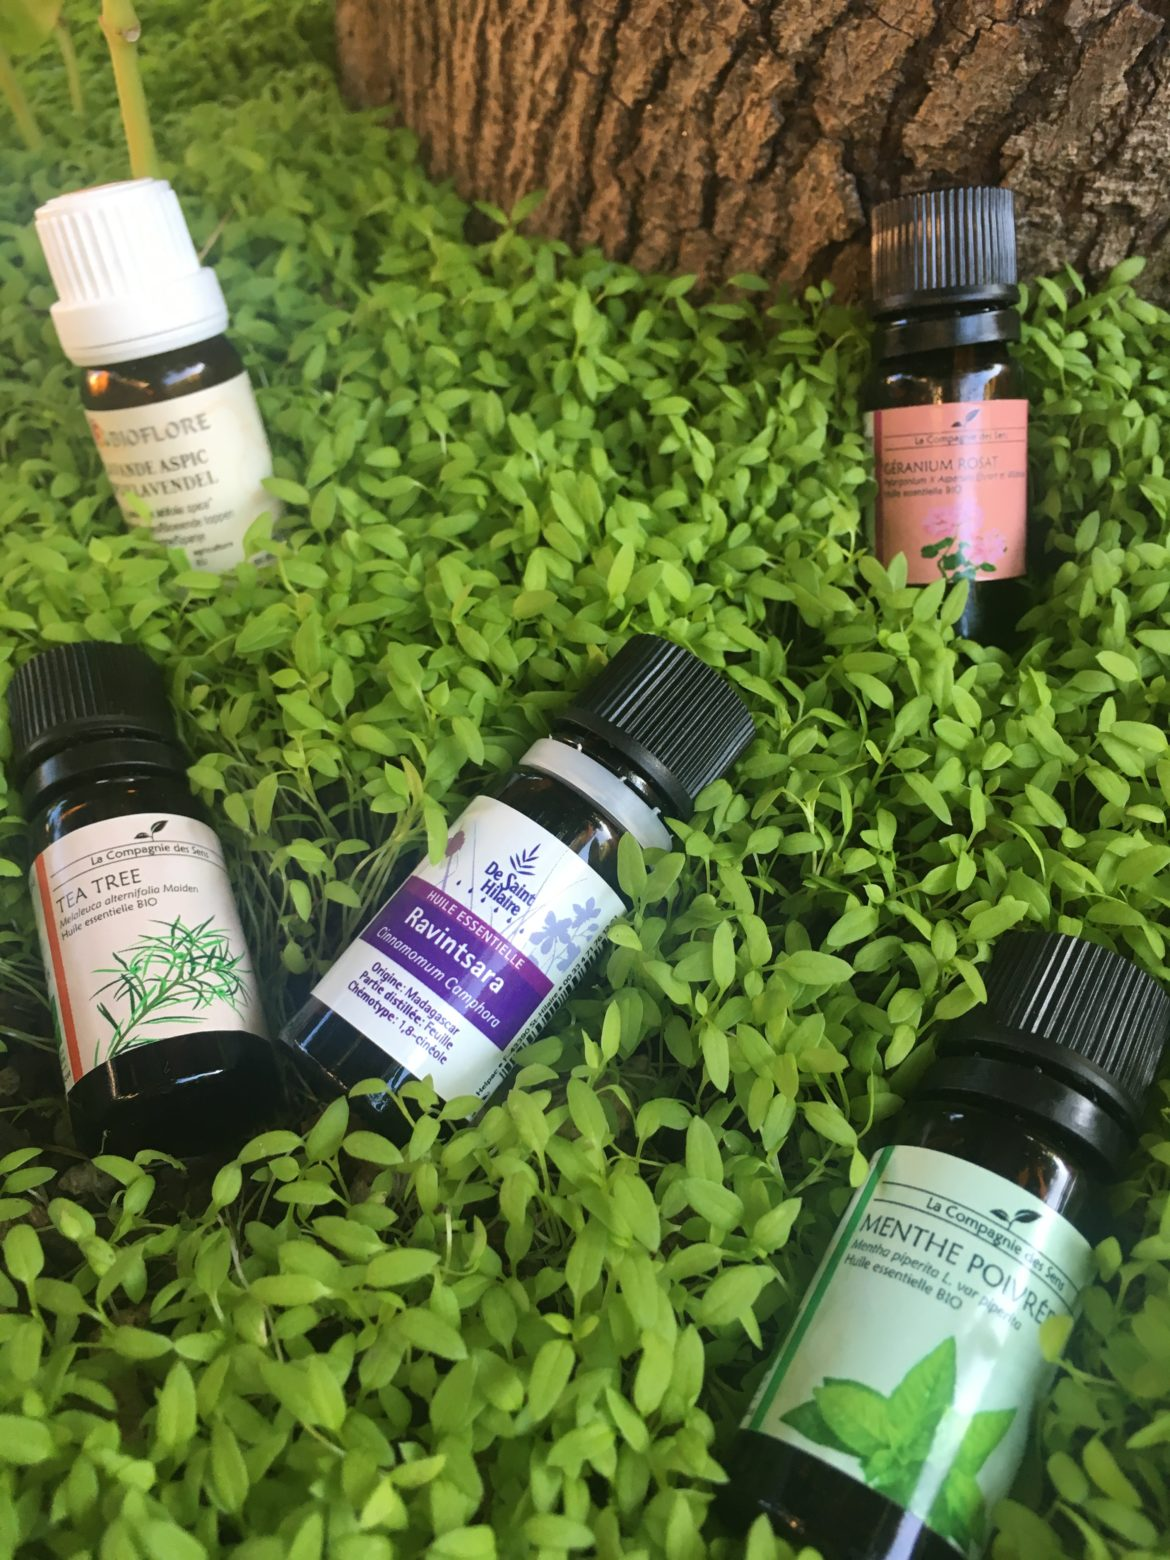 Flacons d'huiles essentielles dans de la verdure